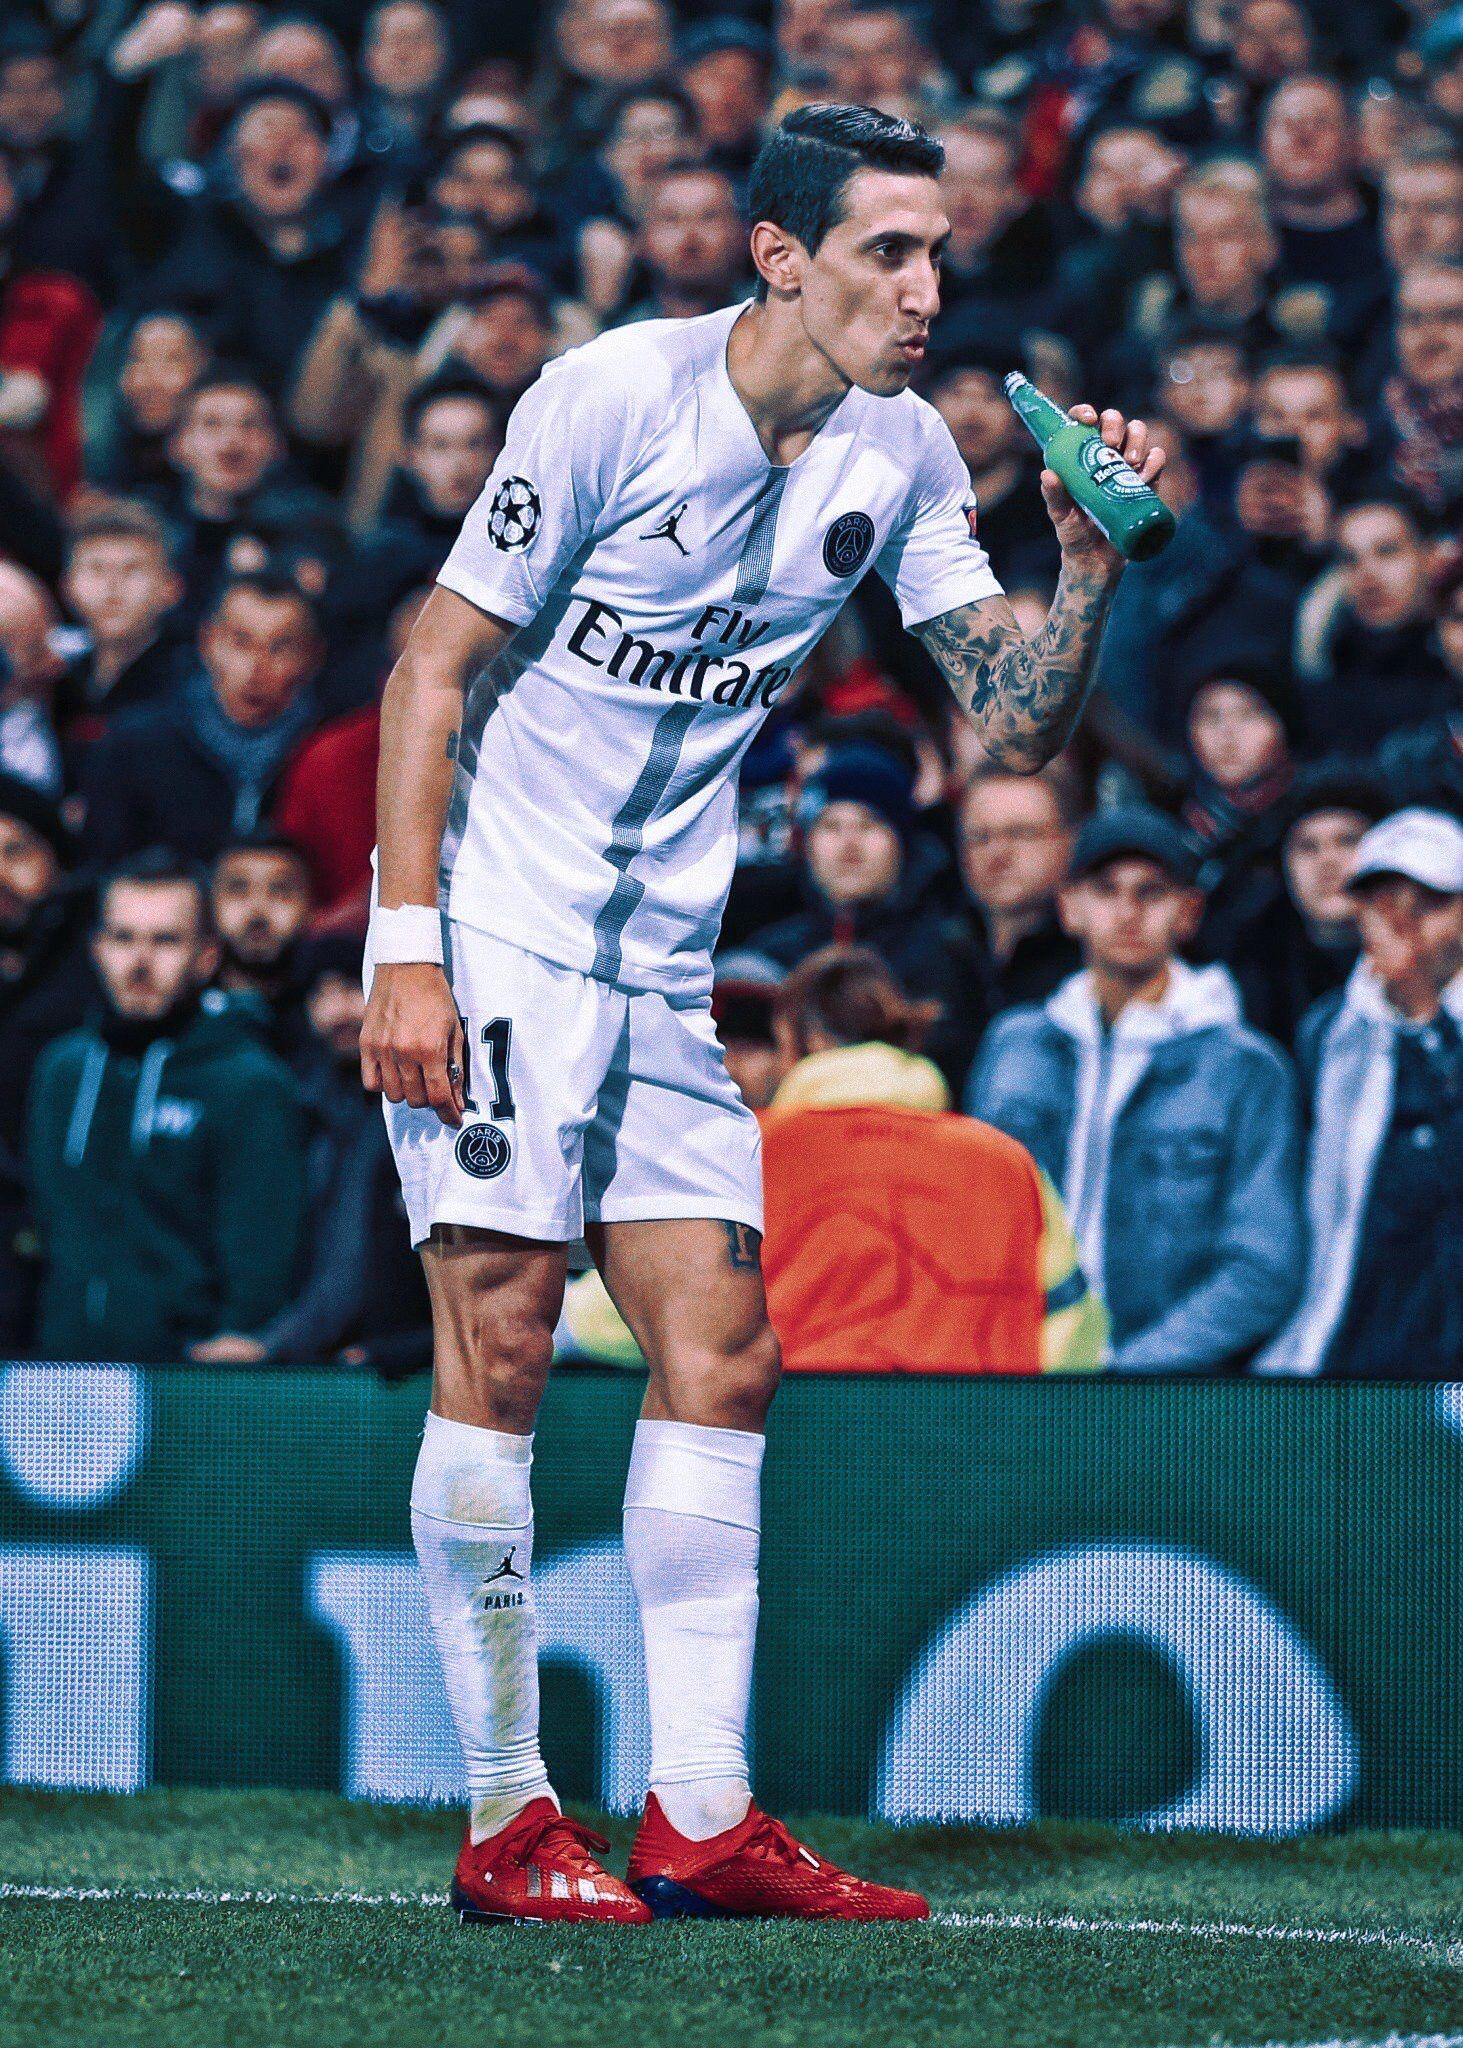 Dimaria Parissaintgermain Psg Wallpaper Joueur De Football Cr7 Messi Football Angel di maria wallpapers